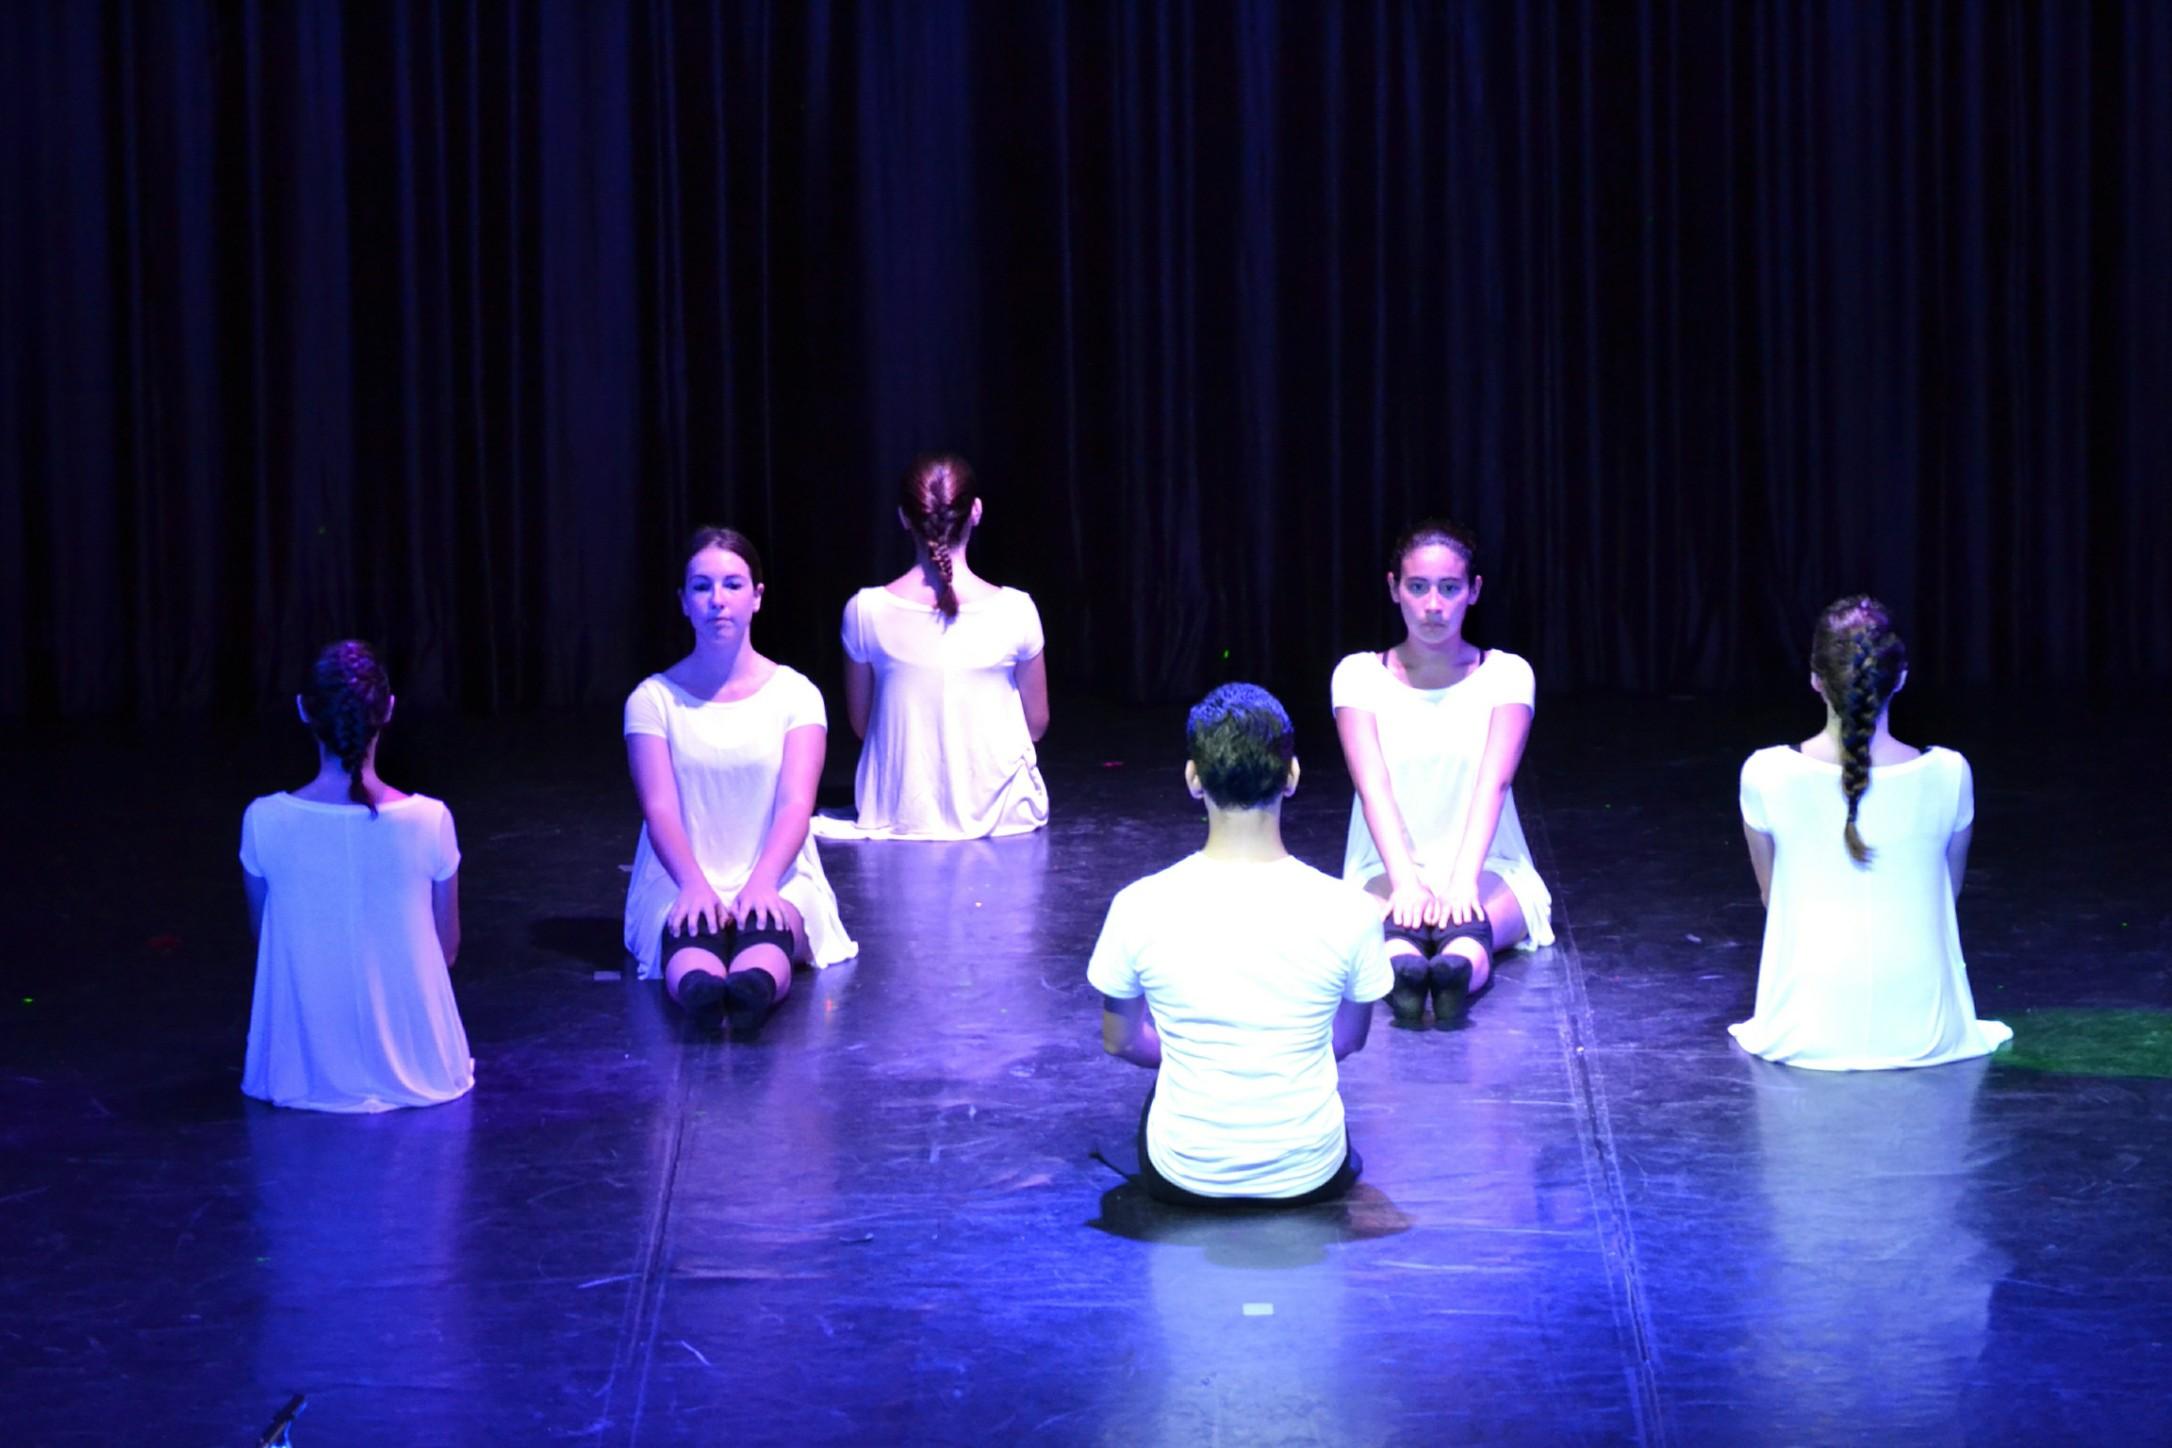 Linea-de-Baile-festival-verano-2015-clases-de-baile-valencia-90